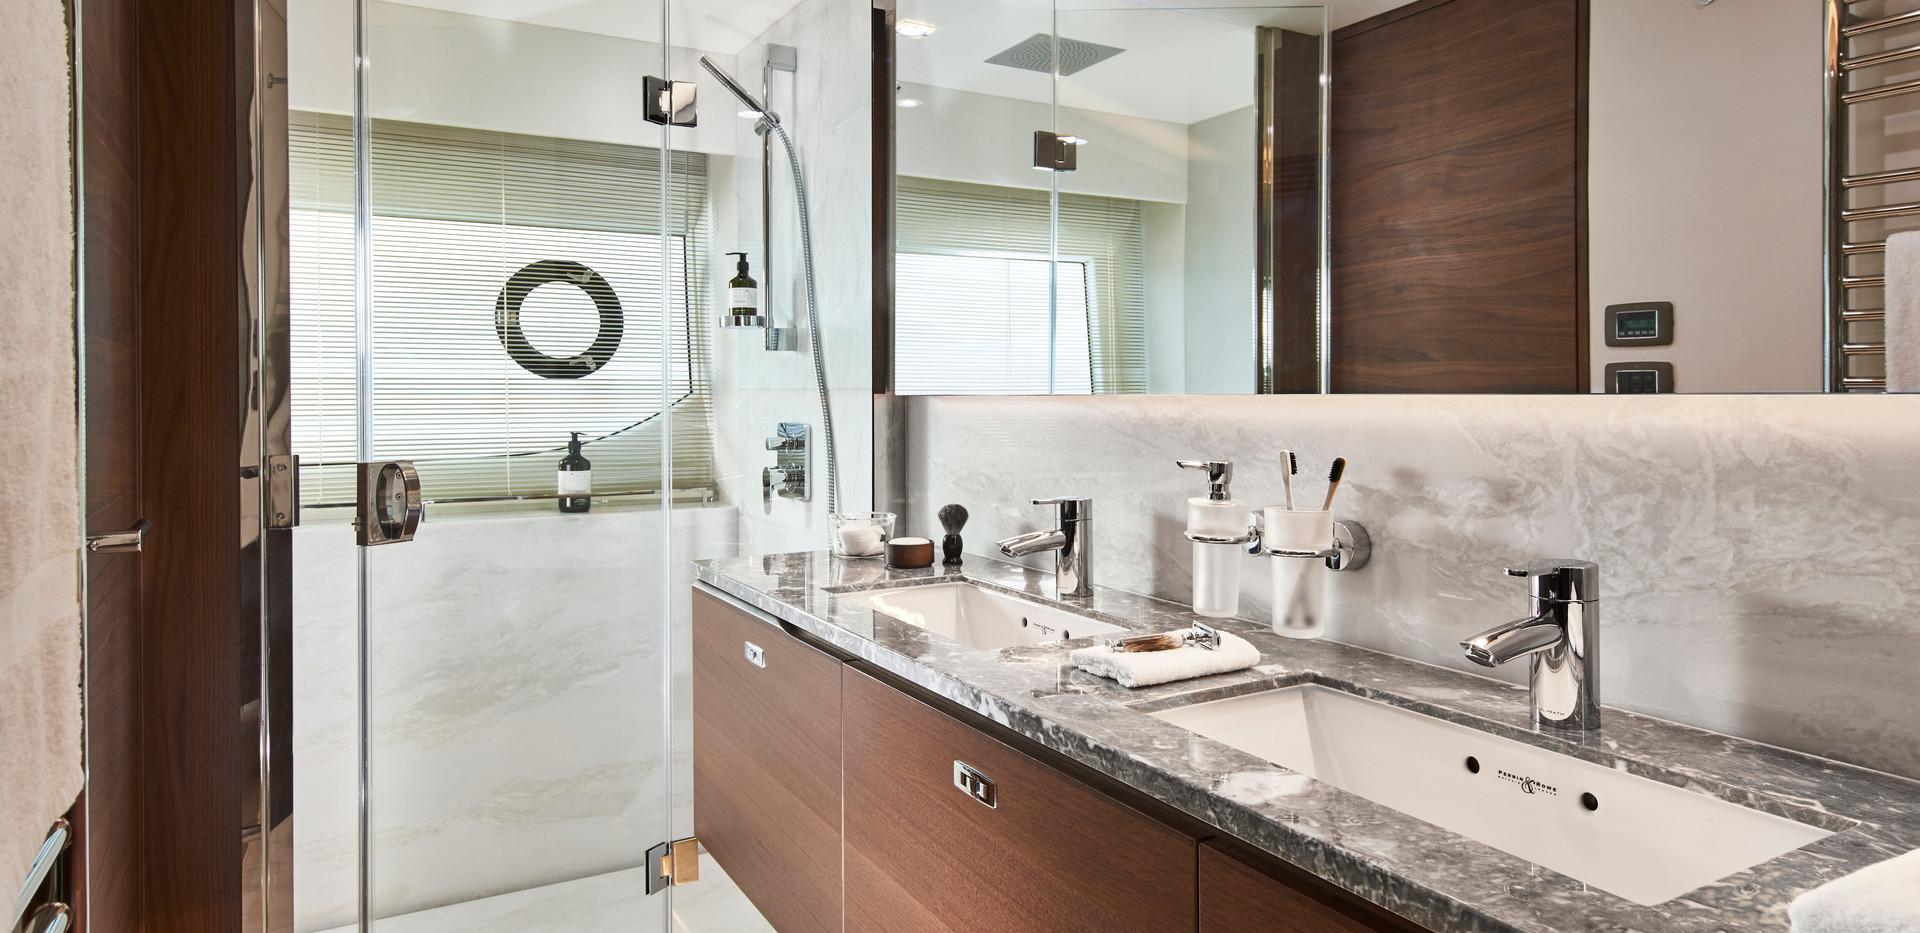 y85-interior-owners-bathroom-walnut-sati